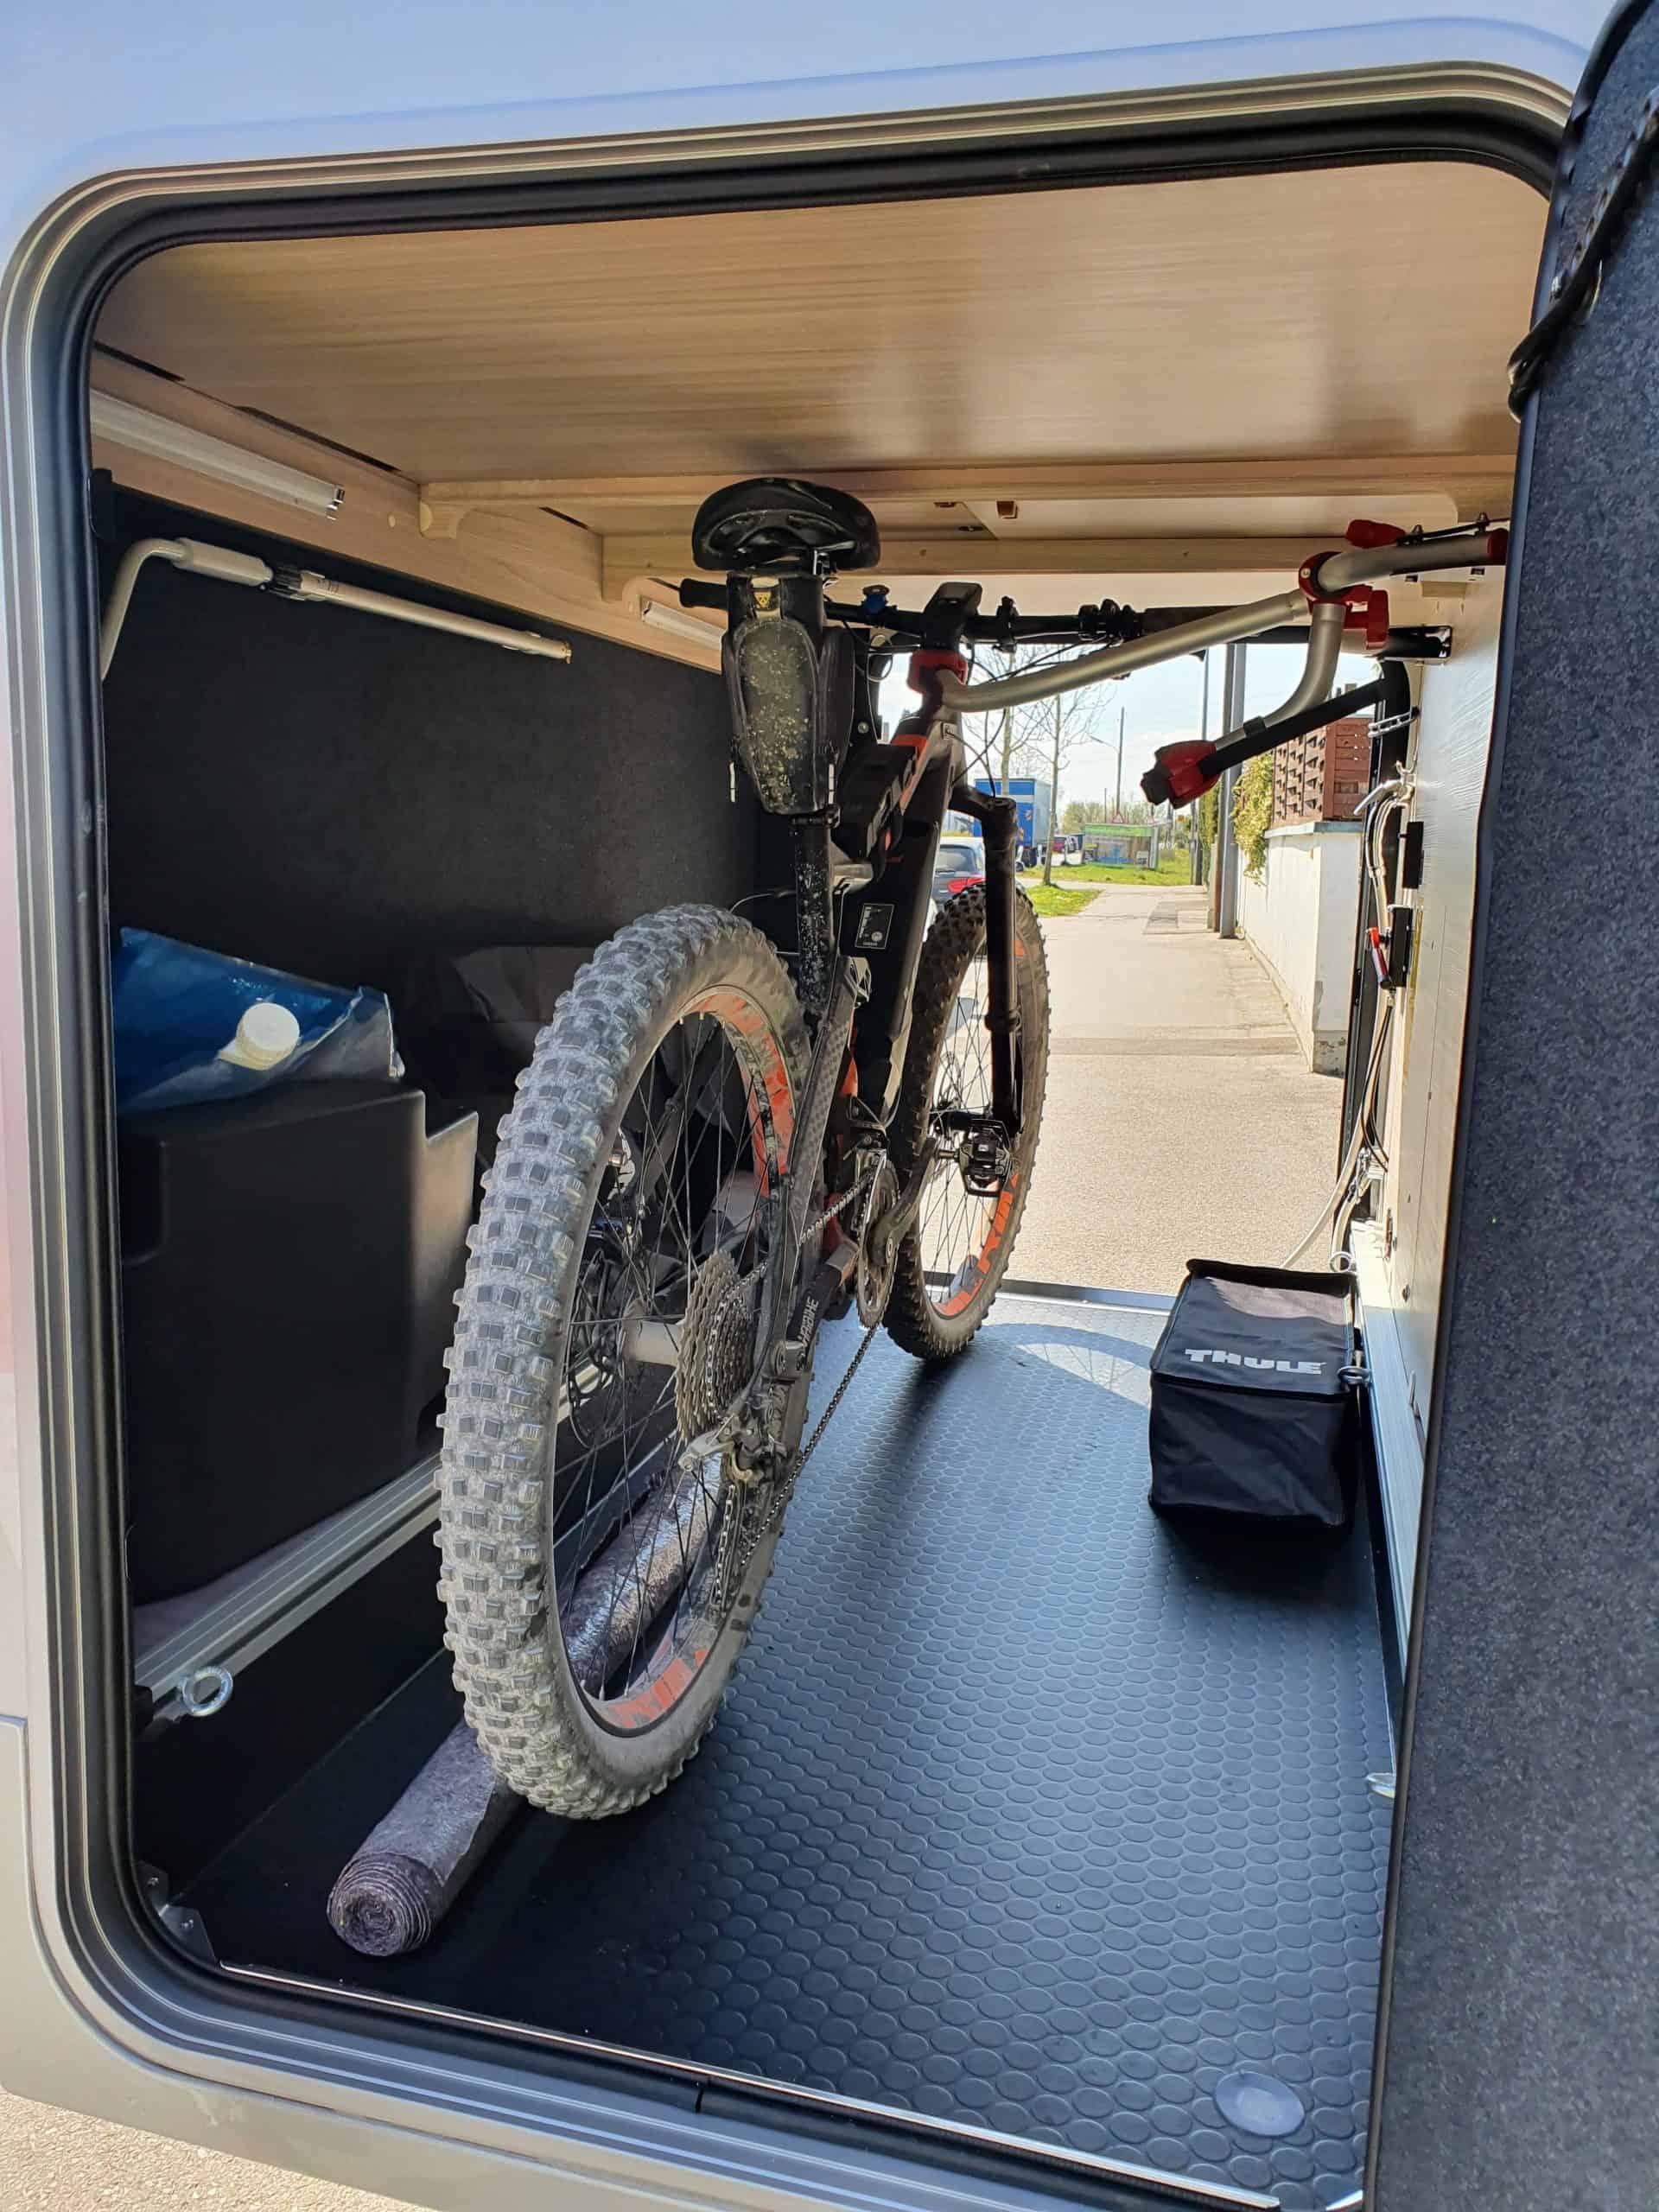 Rolands_Adria_Coral_Compact_Mountainbike_in_der_Garage_Rückansicht